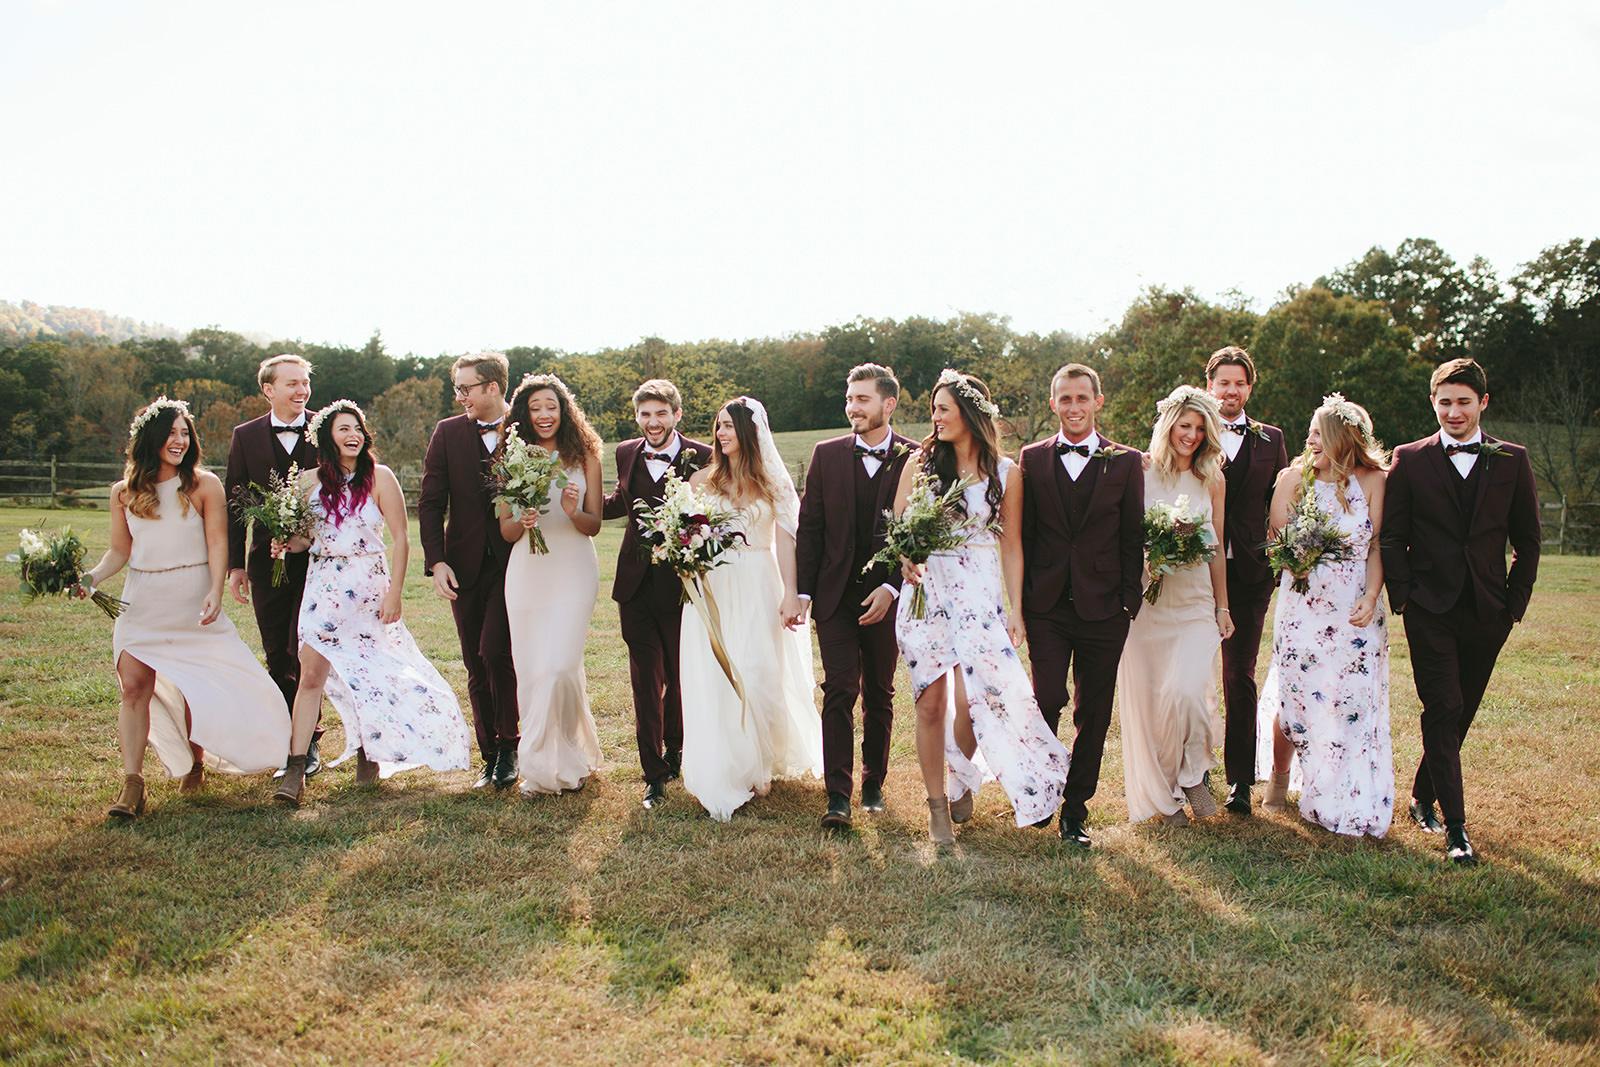 boho bridal party photos